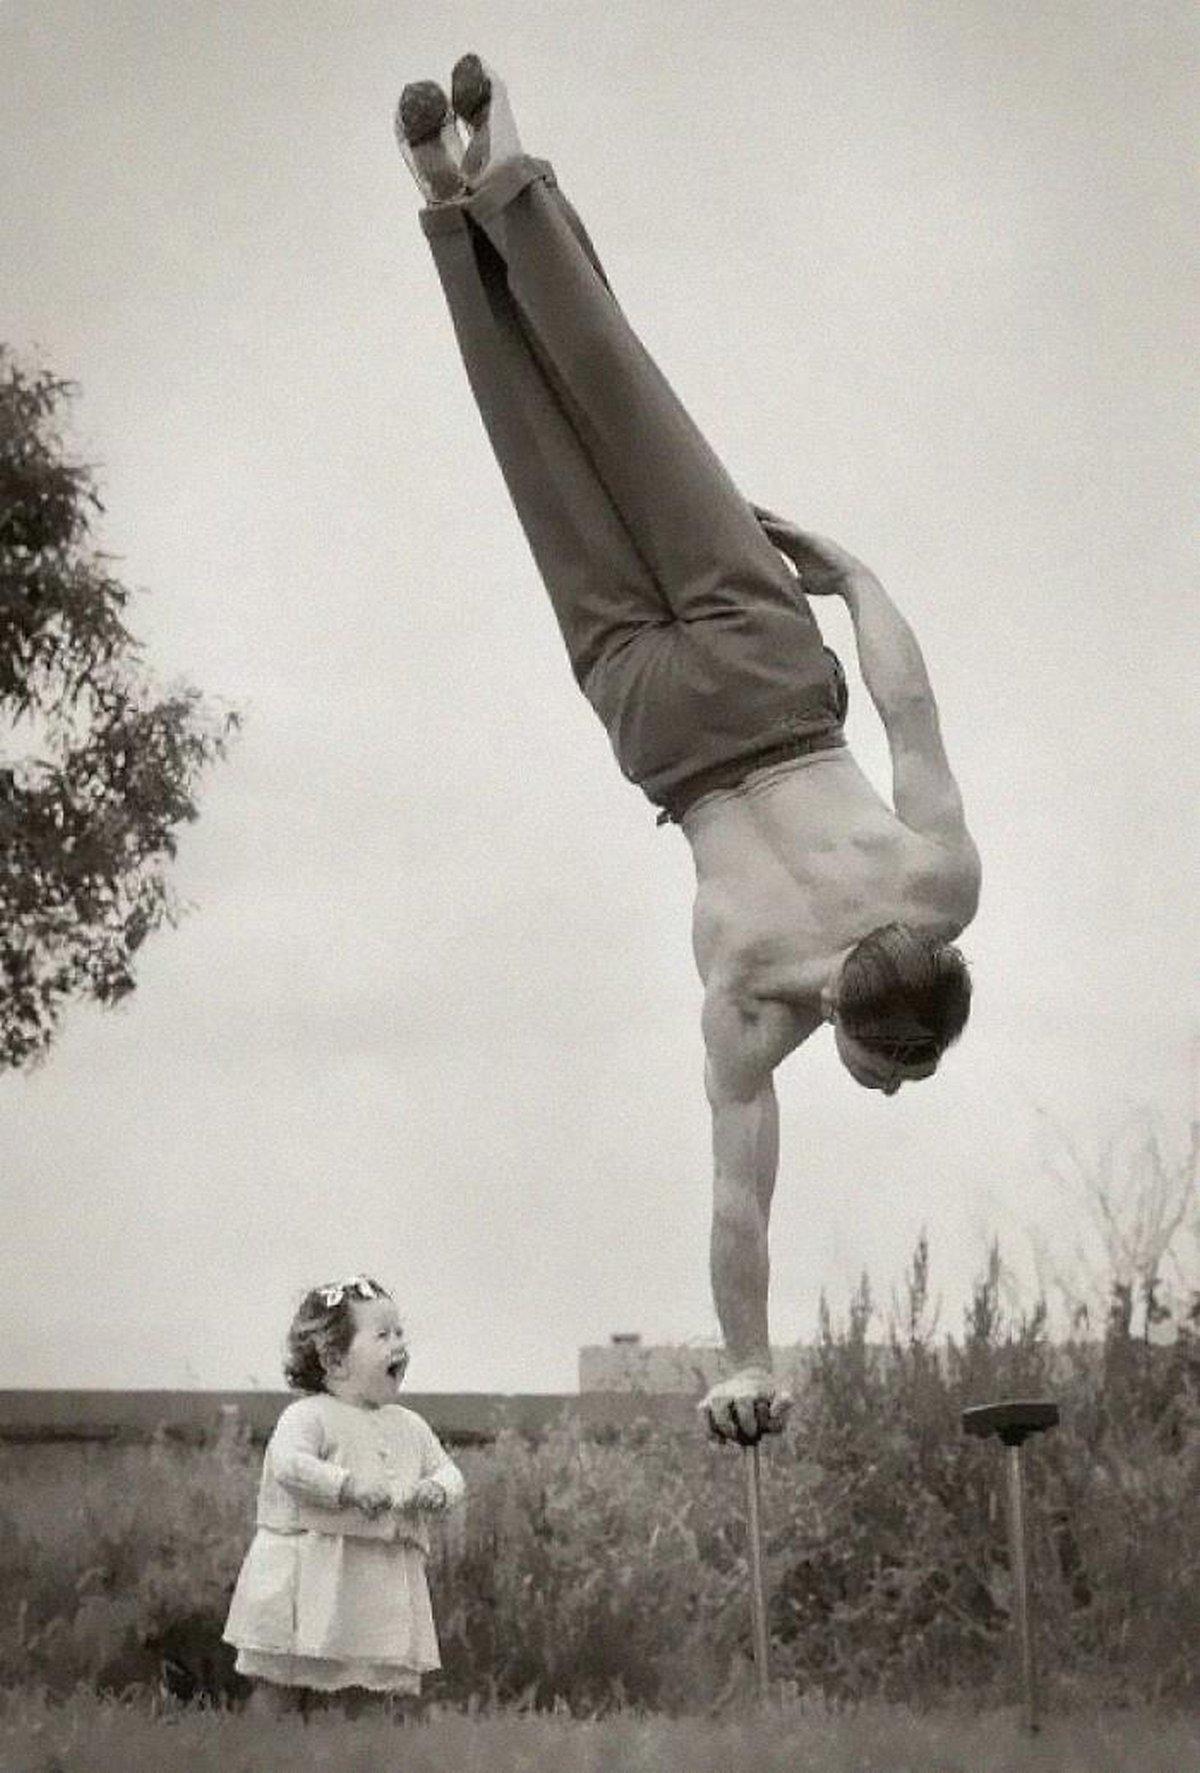 Les gens partagent des photos de la vie d'il y a 50 à 100 ans et elles pourraient vous faire voir les choses sous un jour différent